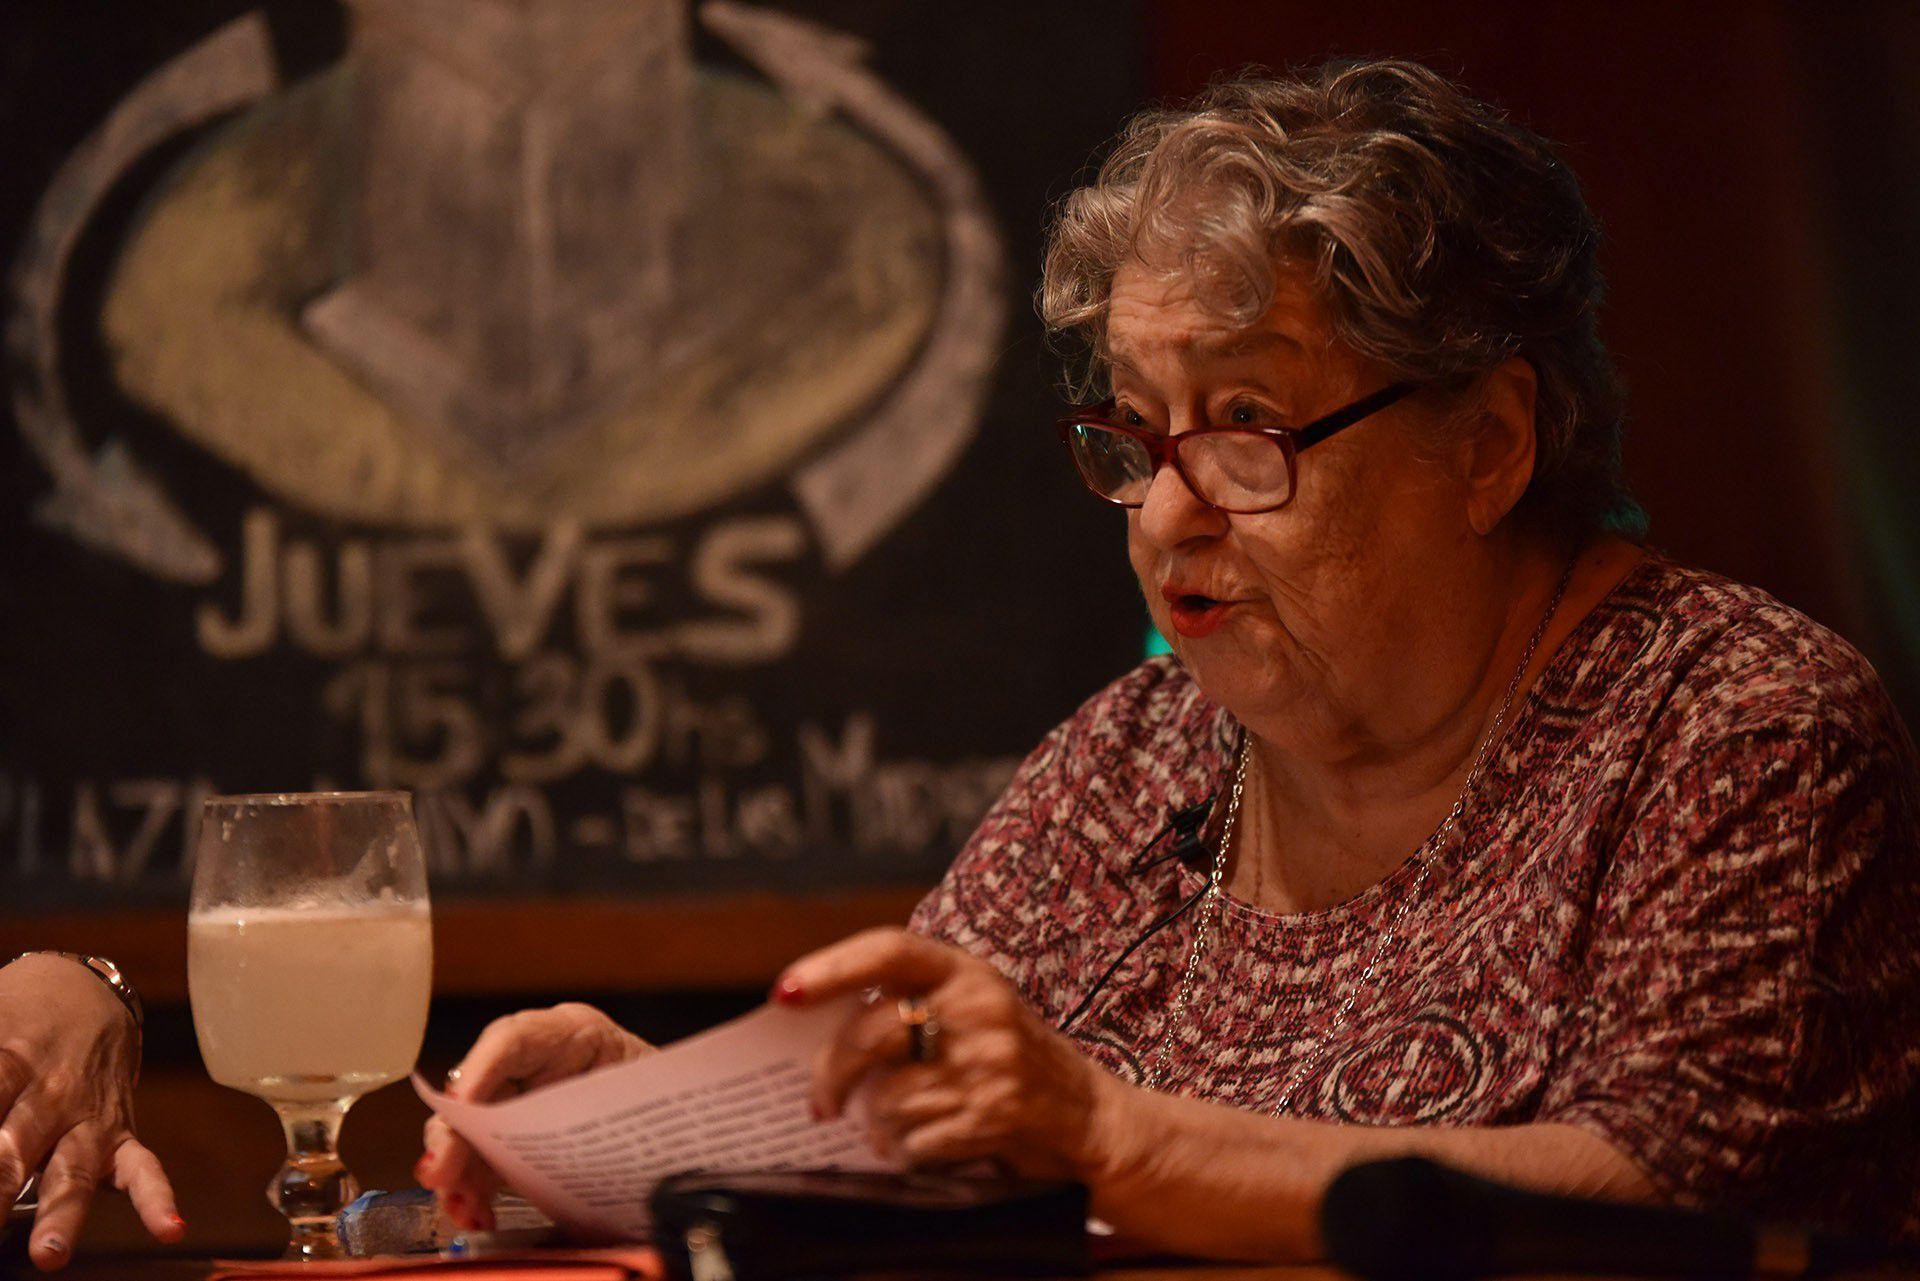 En la sede de Madres de Plaza de Mayo Hebe de Bonafini dio una charla. La entrada: un kilo de arroz (Franco Fafasuli)